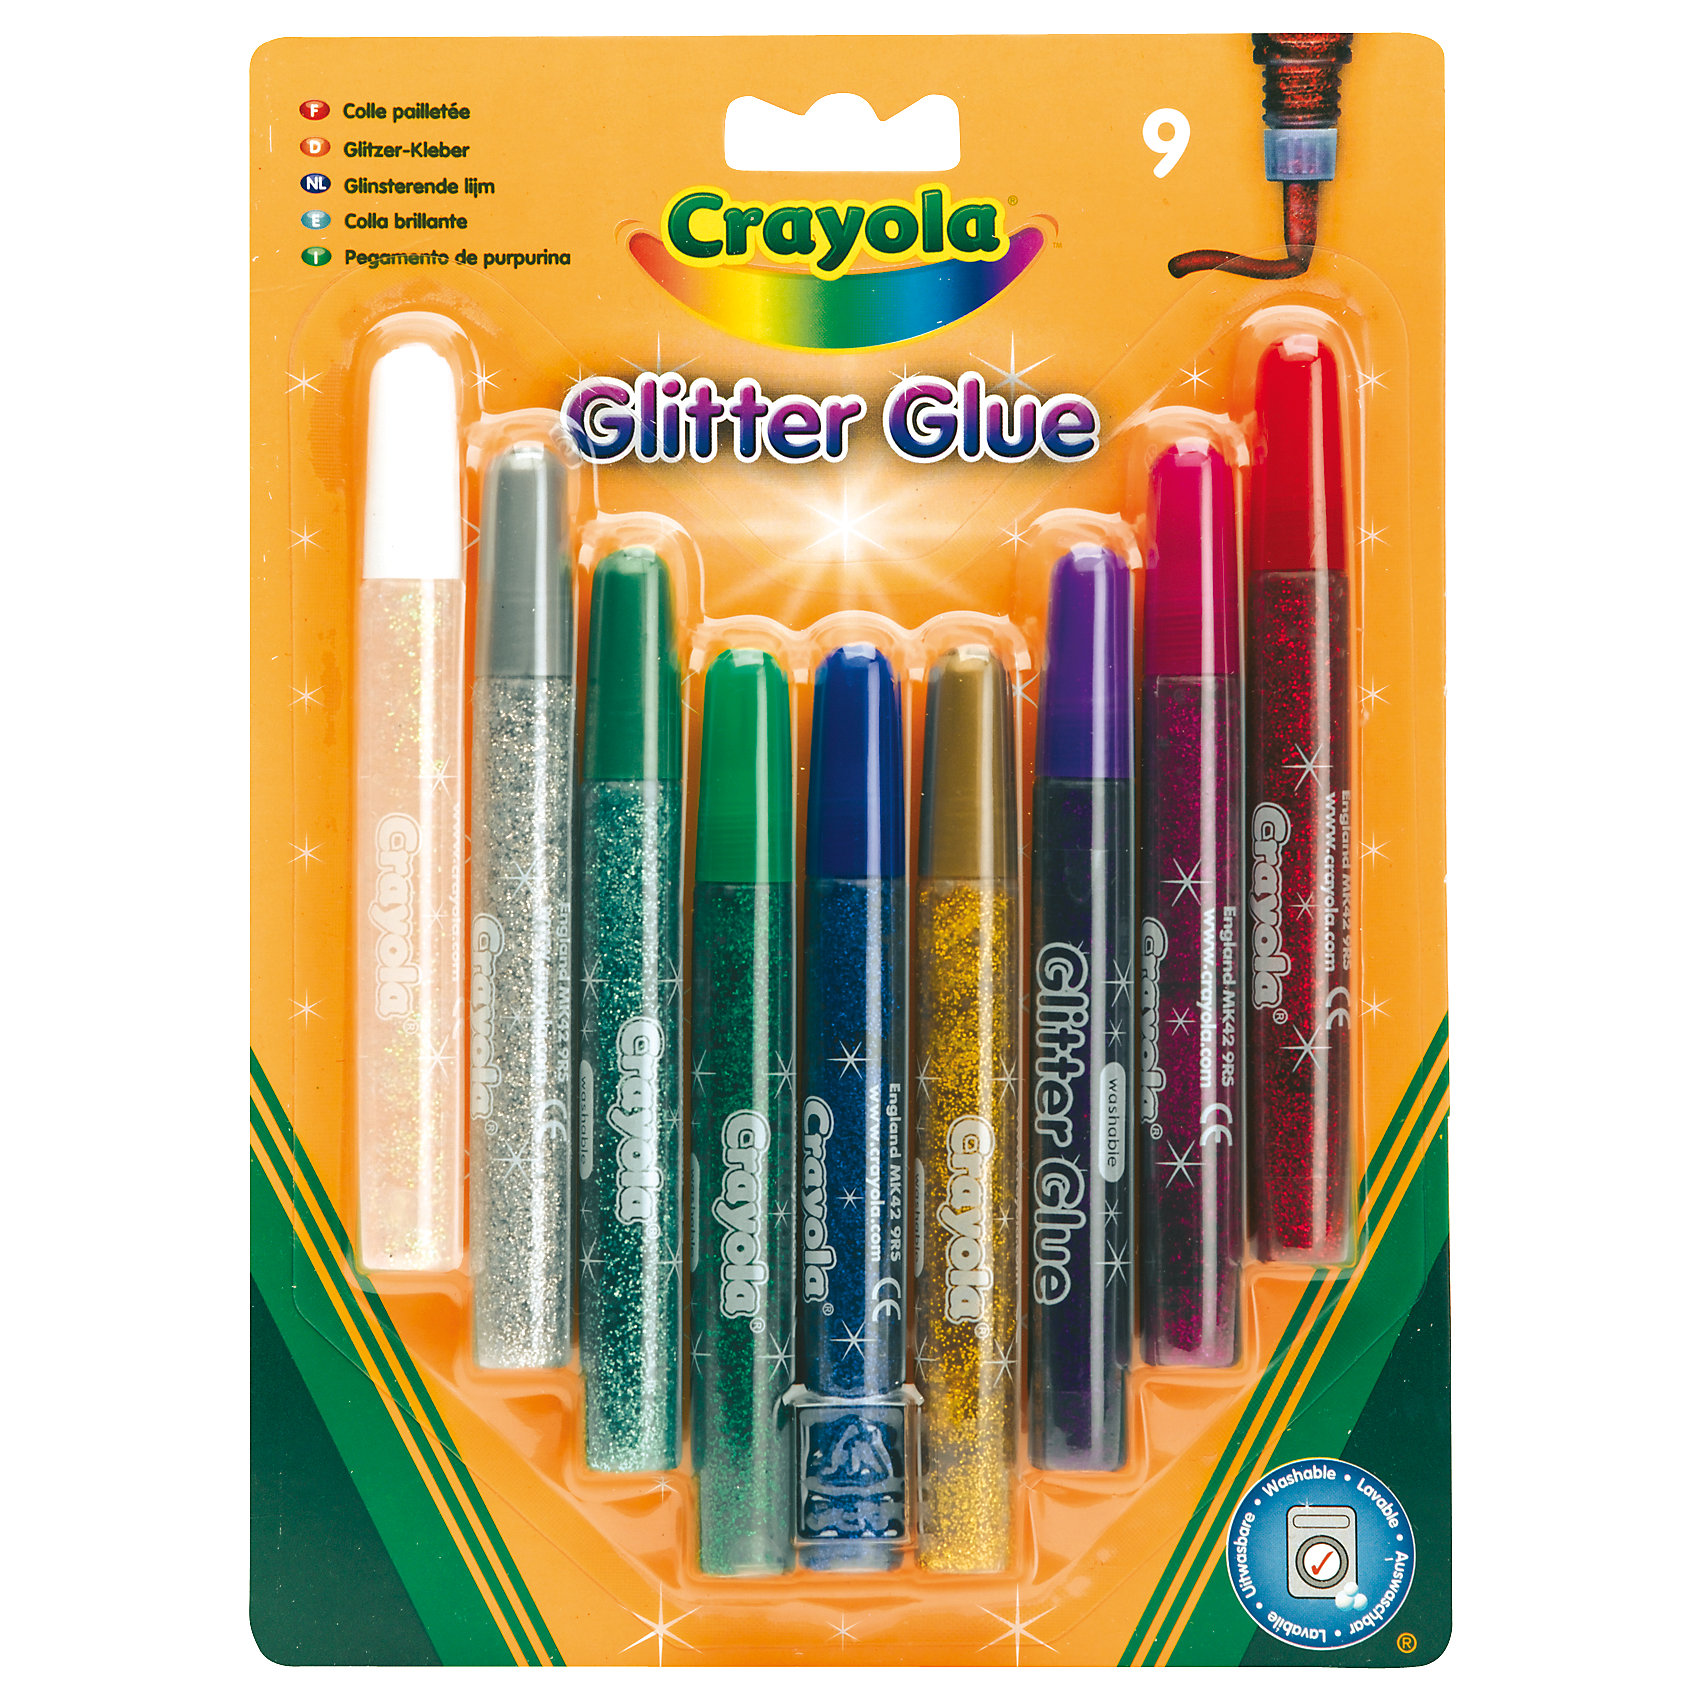 Crayola Оформительский клей, 9 цветовС помощью оформительского клея с блестками можно придать маленьким шедеврам индивидуальность. <br><br>С этим клеем очень легко работать, он высыхает примерно за 30 минут <br><br>В комплекте 9 тюбиков оформительского клея по 1,2 мл.<br><br>Клей очень легко смывается.<br><br>Ширина мм: 214<br>Глубина мм: 158<br>Высота мм: 18<br>Вес г: 161<br>Возраст от месяцев: 60<br>Возраст до месяцев: 120<br>Пол: Унисекс<br>Возраст: Детский<br>SKU: 2127074